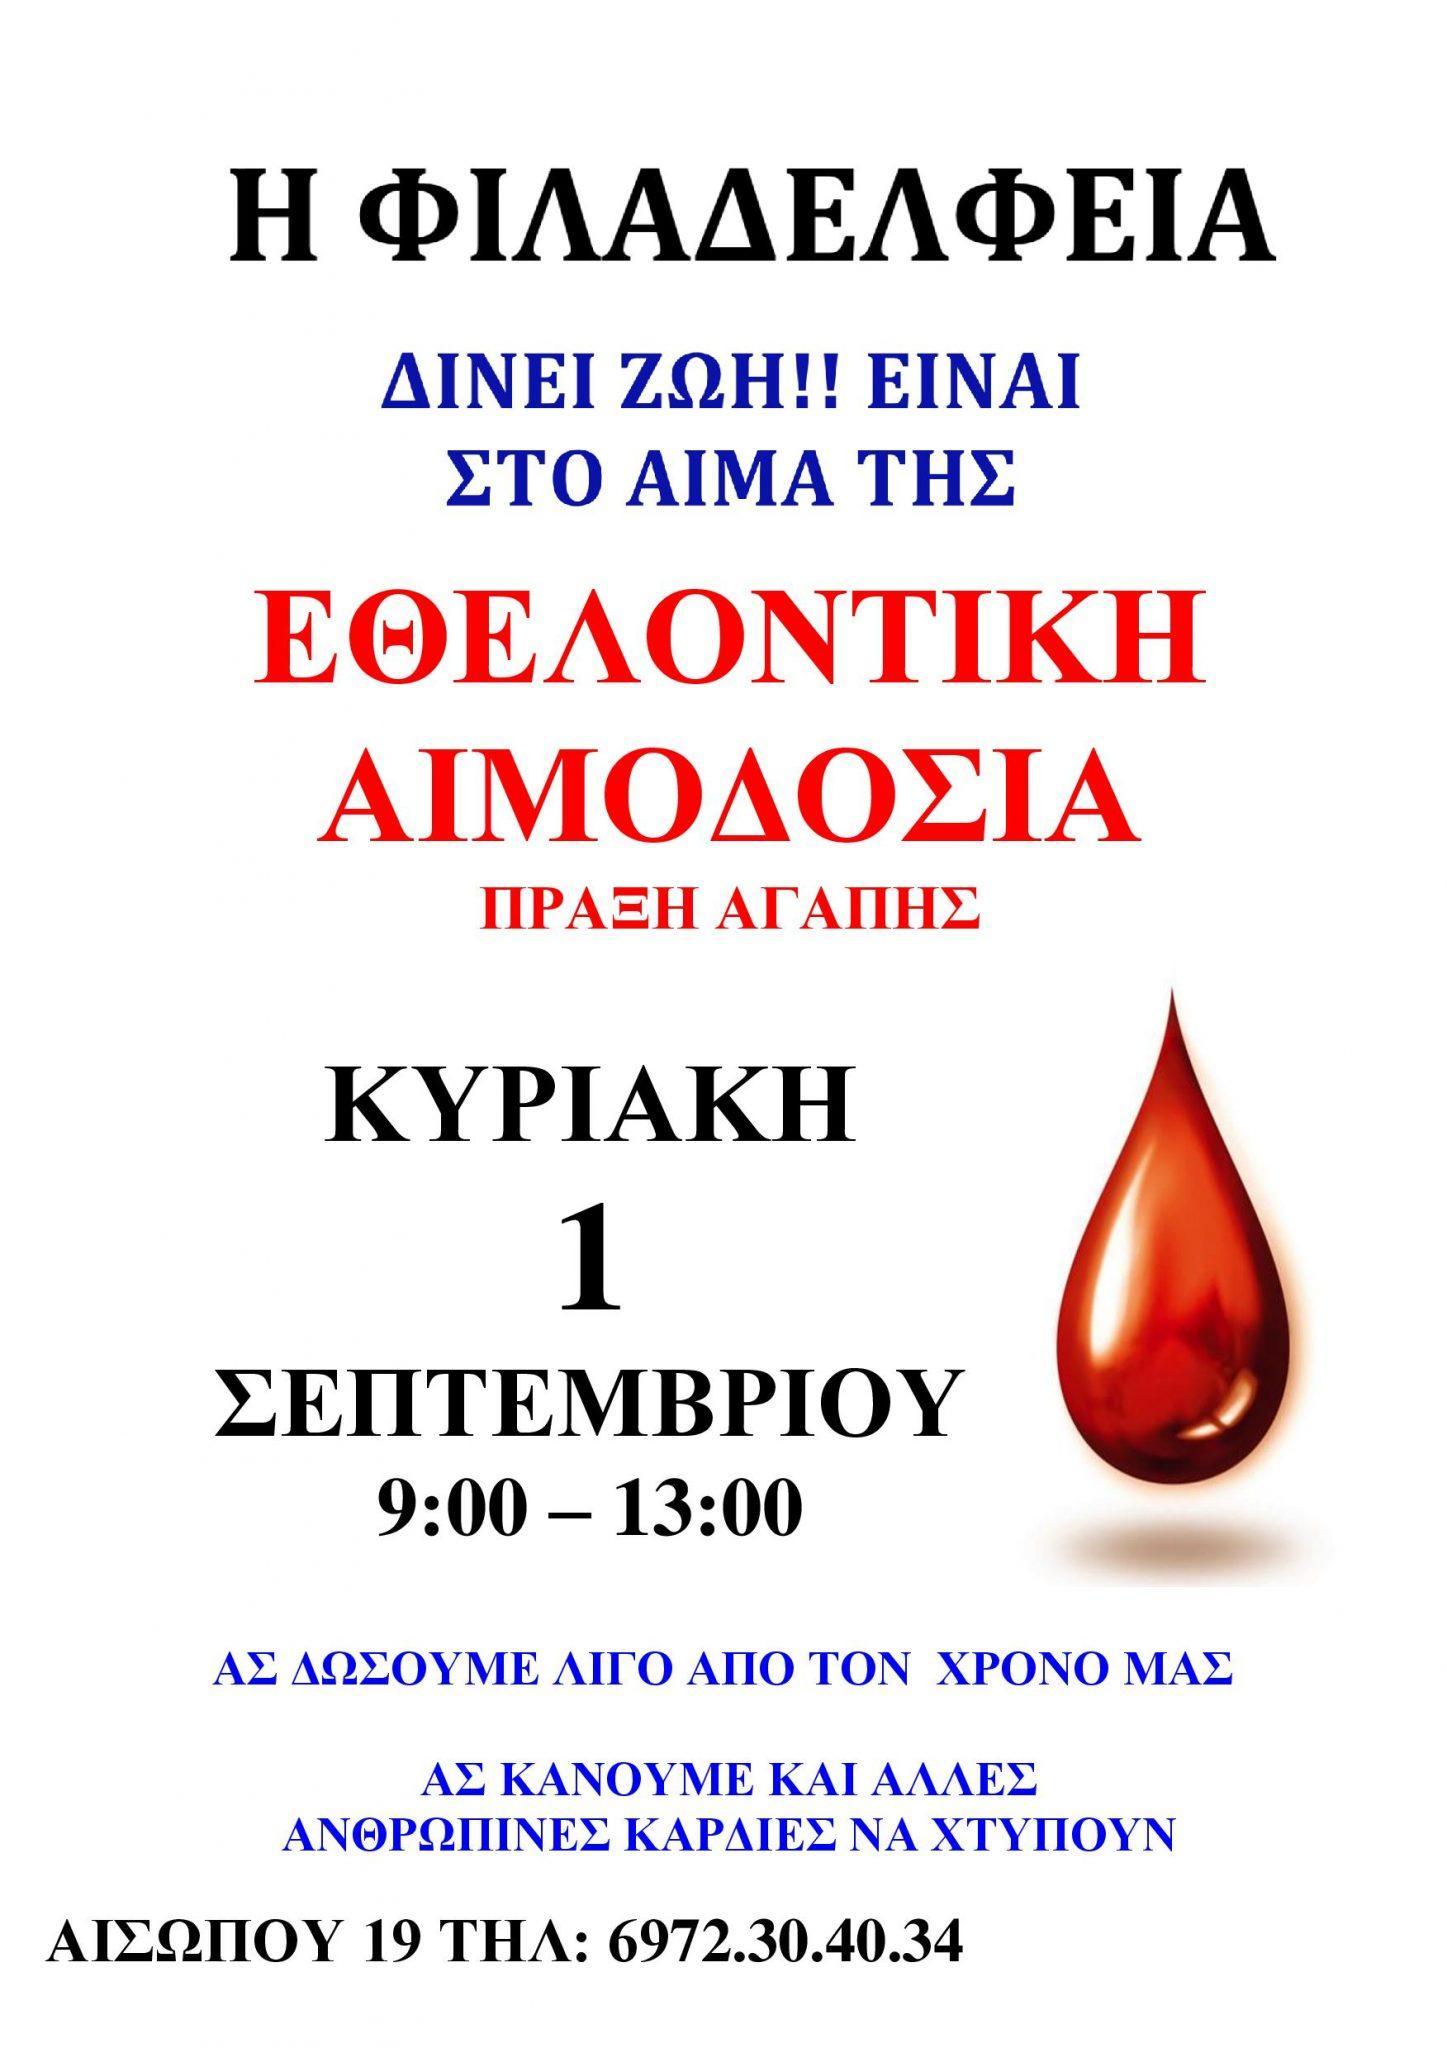 """Εθελοντική Αιμοδοσία στο κοινωνικό σωματείο """"H Φιλαδέλφεια"""""""